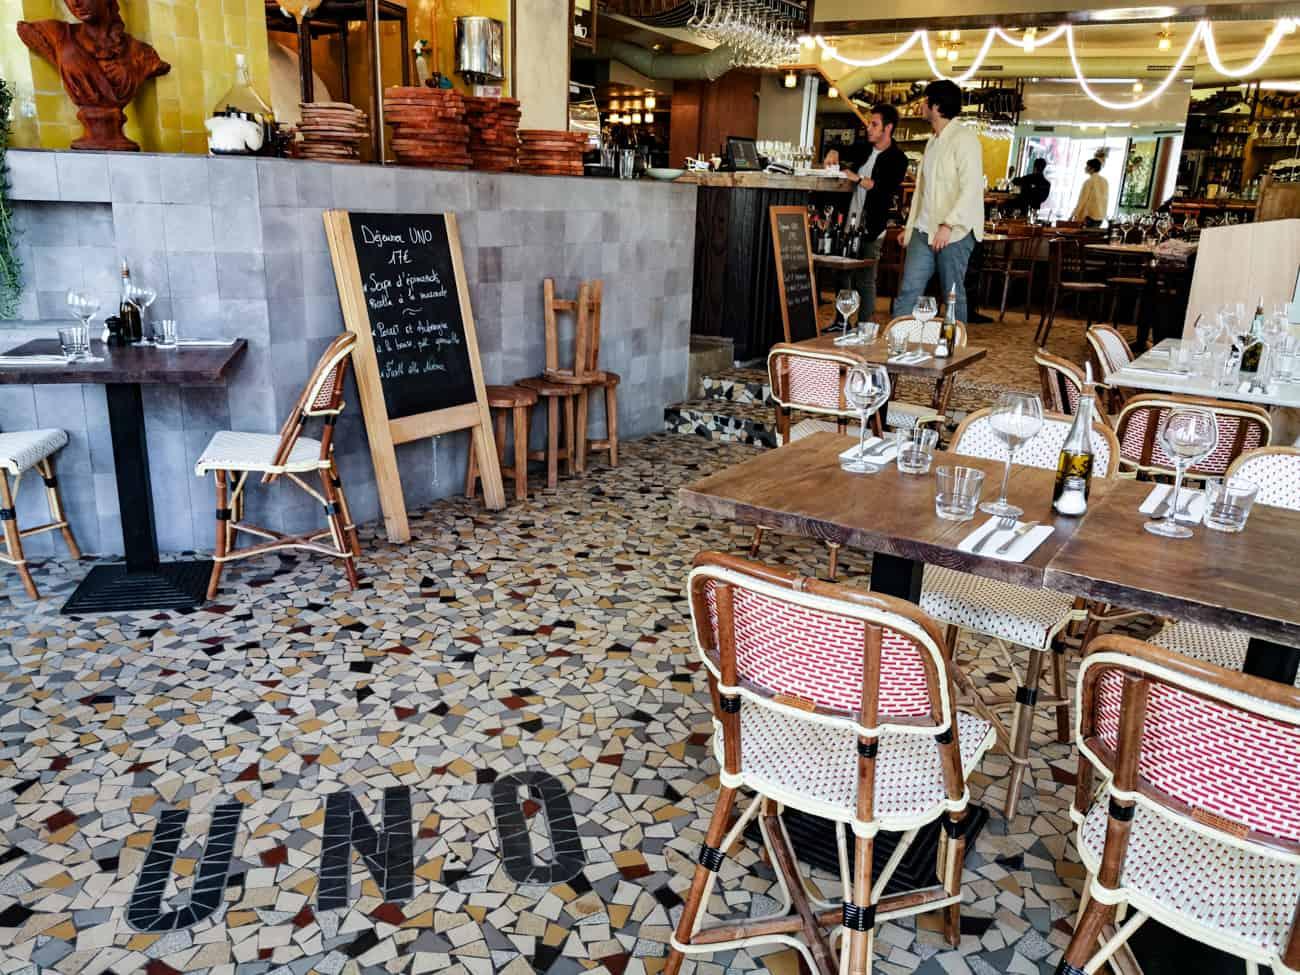 uno-restaurant-italien-pizzeria-les-halles-paris-24